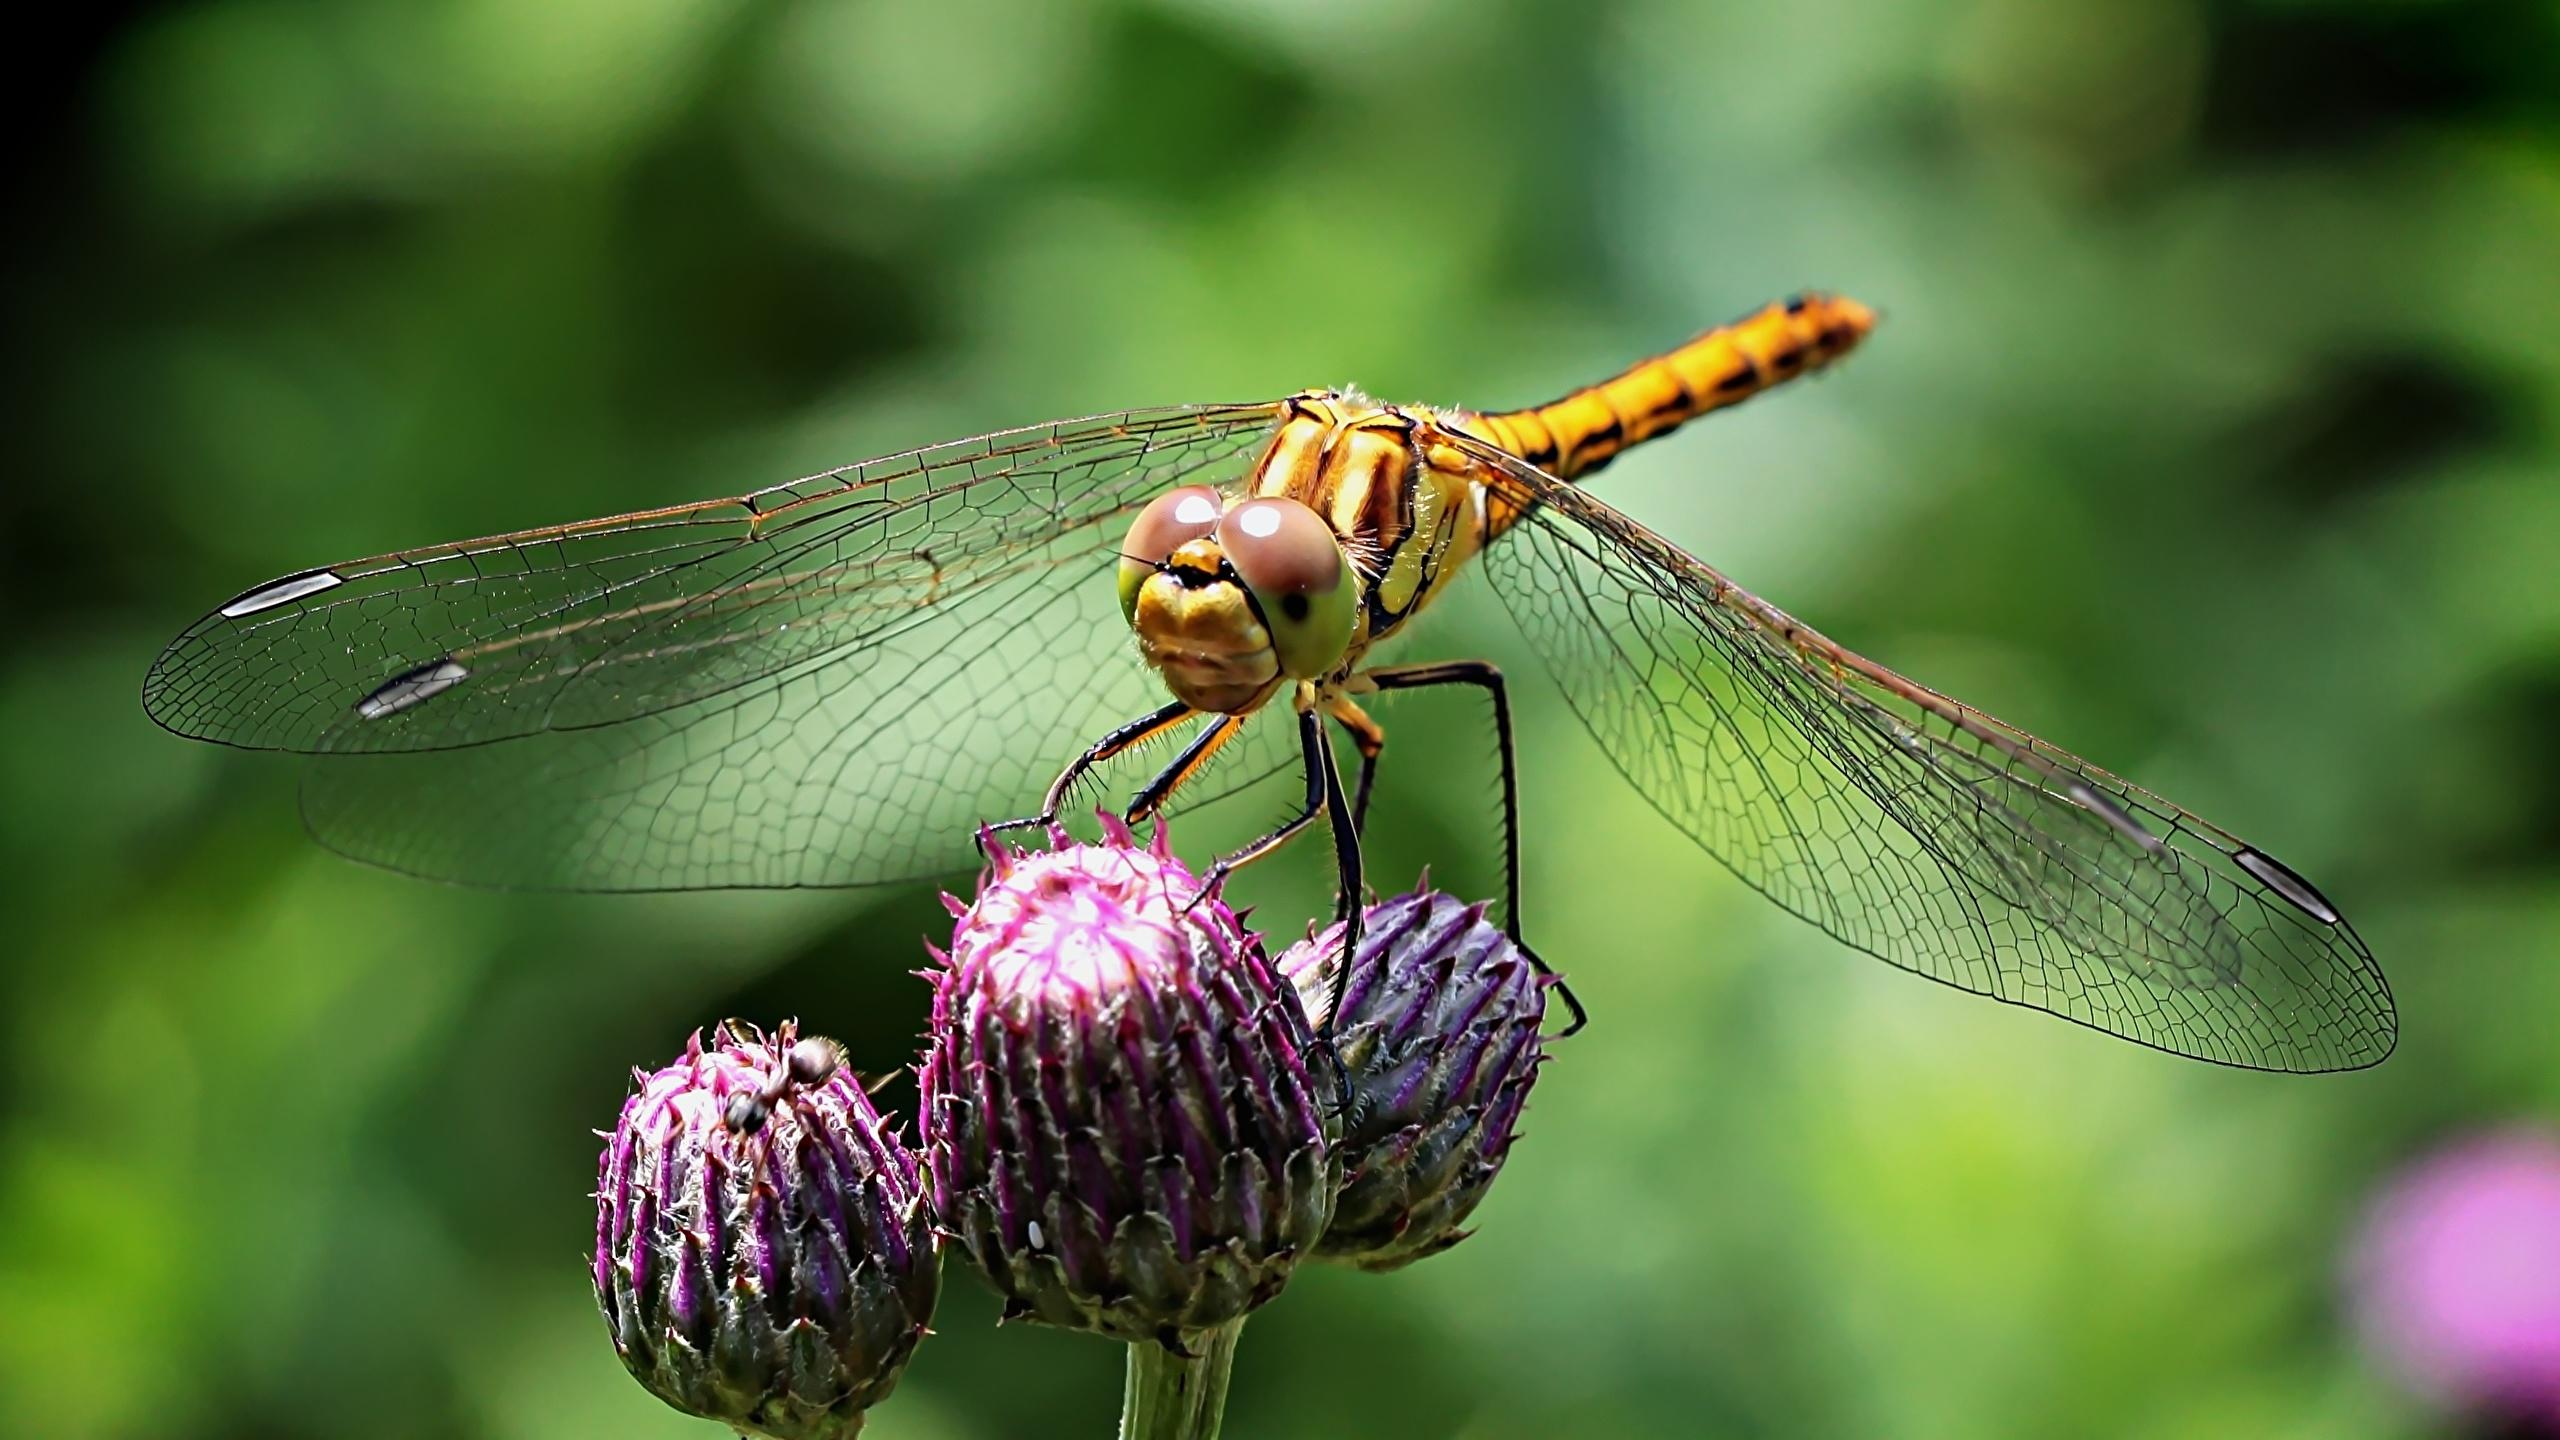 Fotos Insekten Libellen unscharfer Hintergrund Tiere Großansicht 2560x1440 Bokeh hautnah ein Tier Nahaufnahme